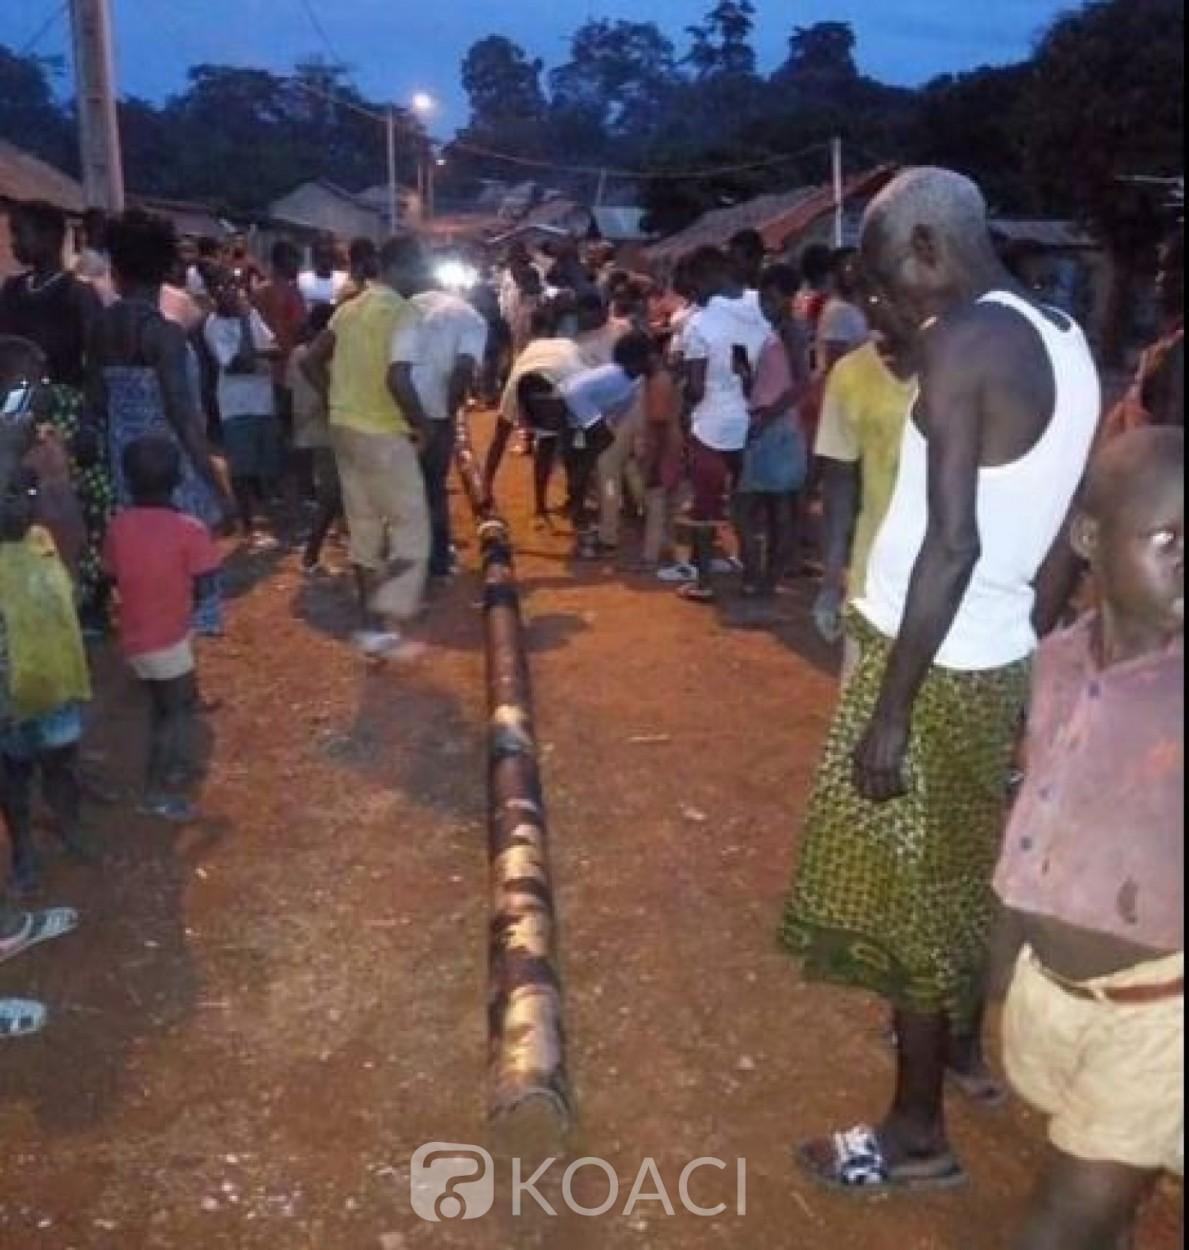 Côte d'Ivoire : Débris métalliques tombés dans des localités du centre, la Chine va porter assistance pour identifier les objets